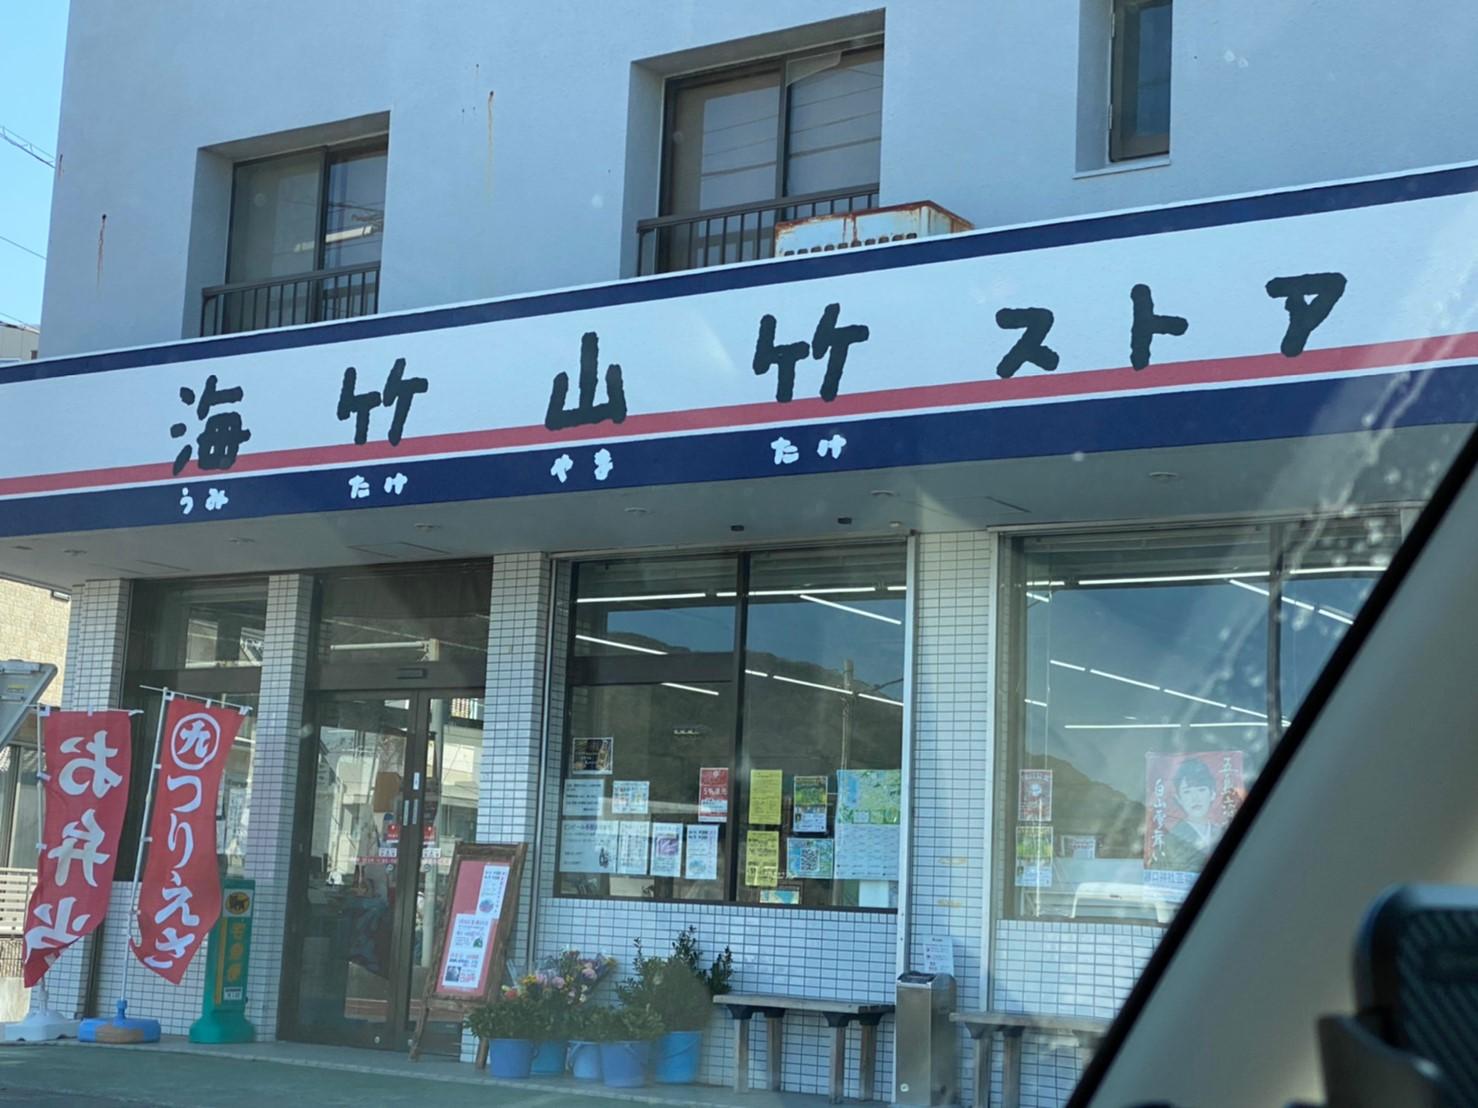 【西伊豆 沼津市】『戸田漁港周辺』の釣り場ガイド(釣れる魚・駐車場)